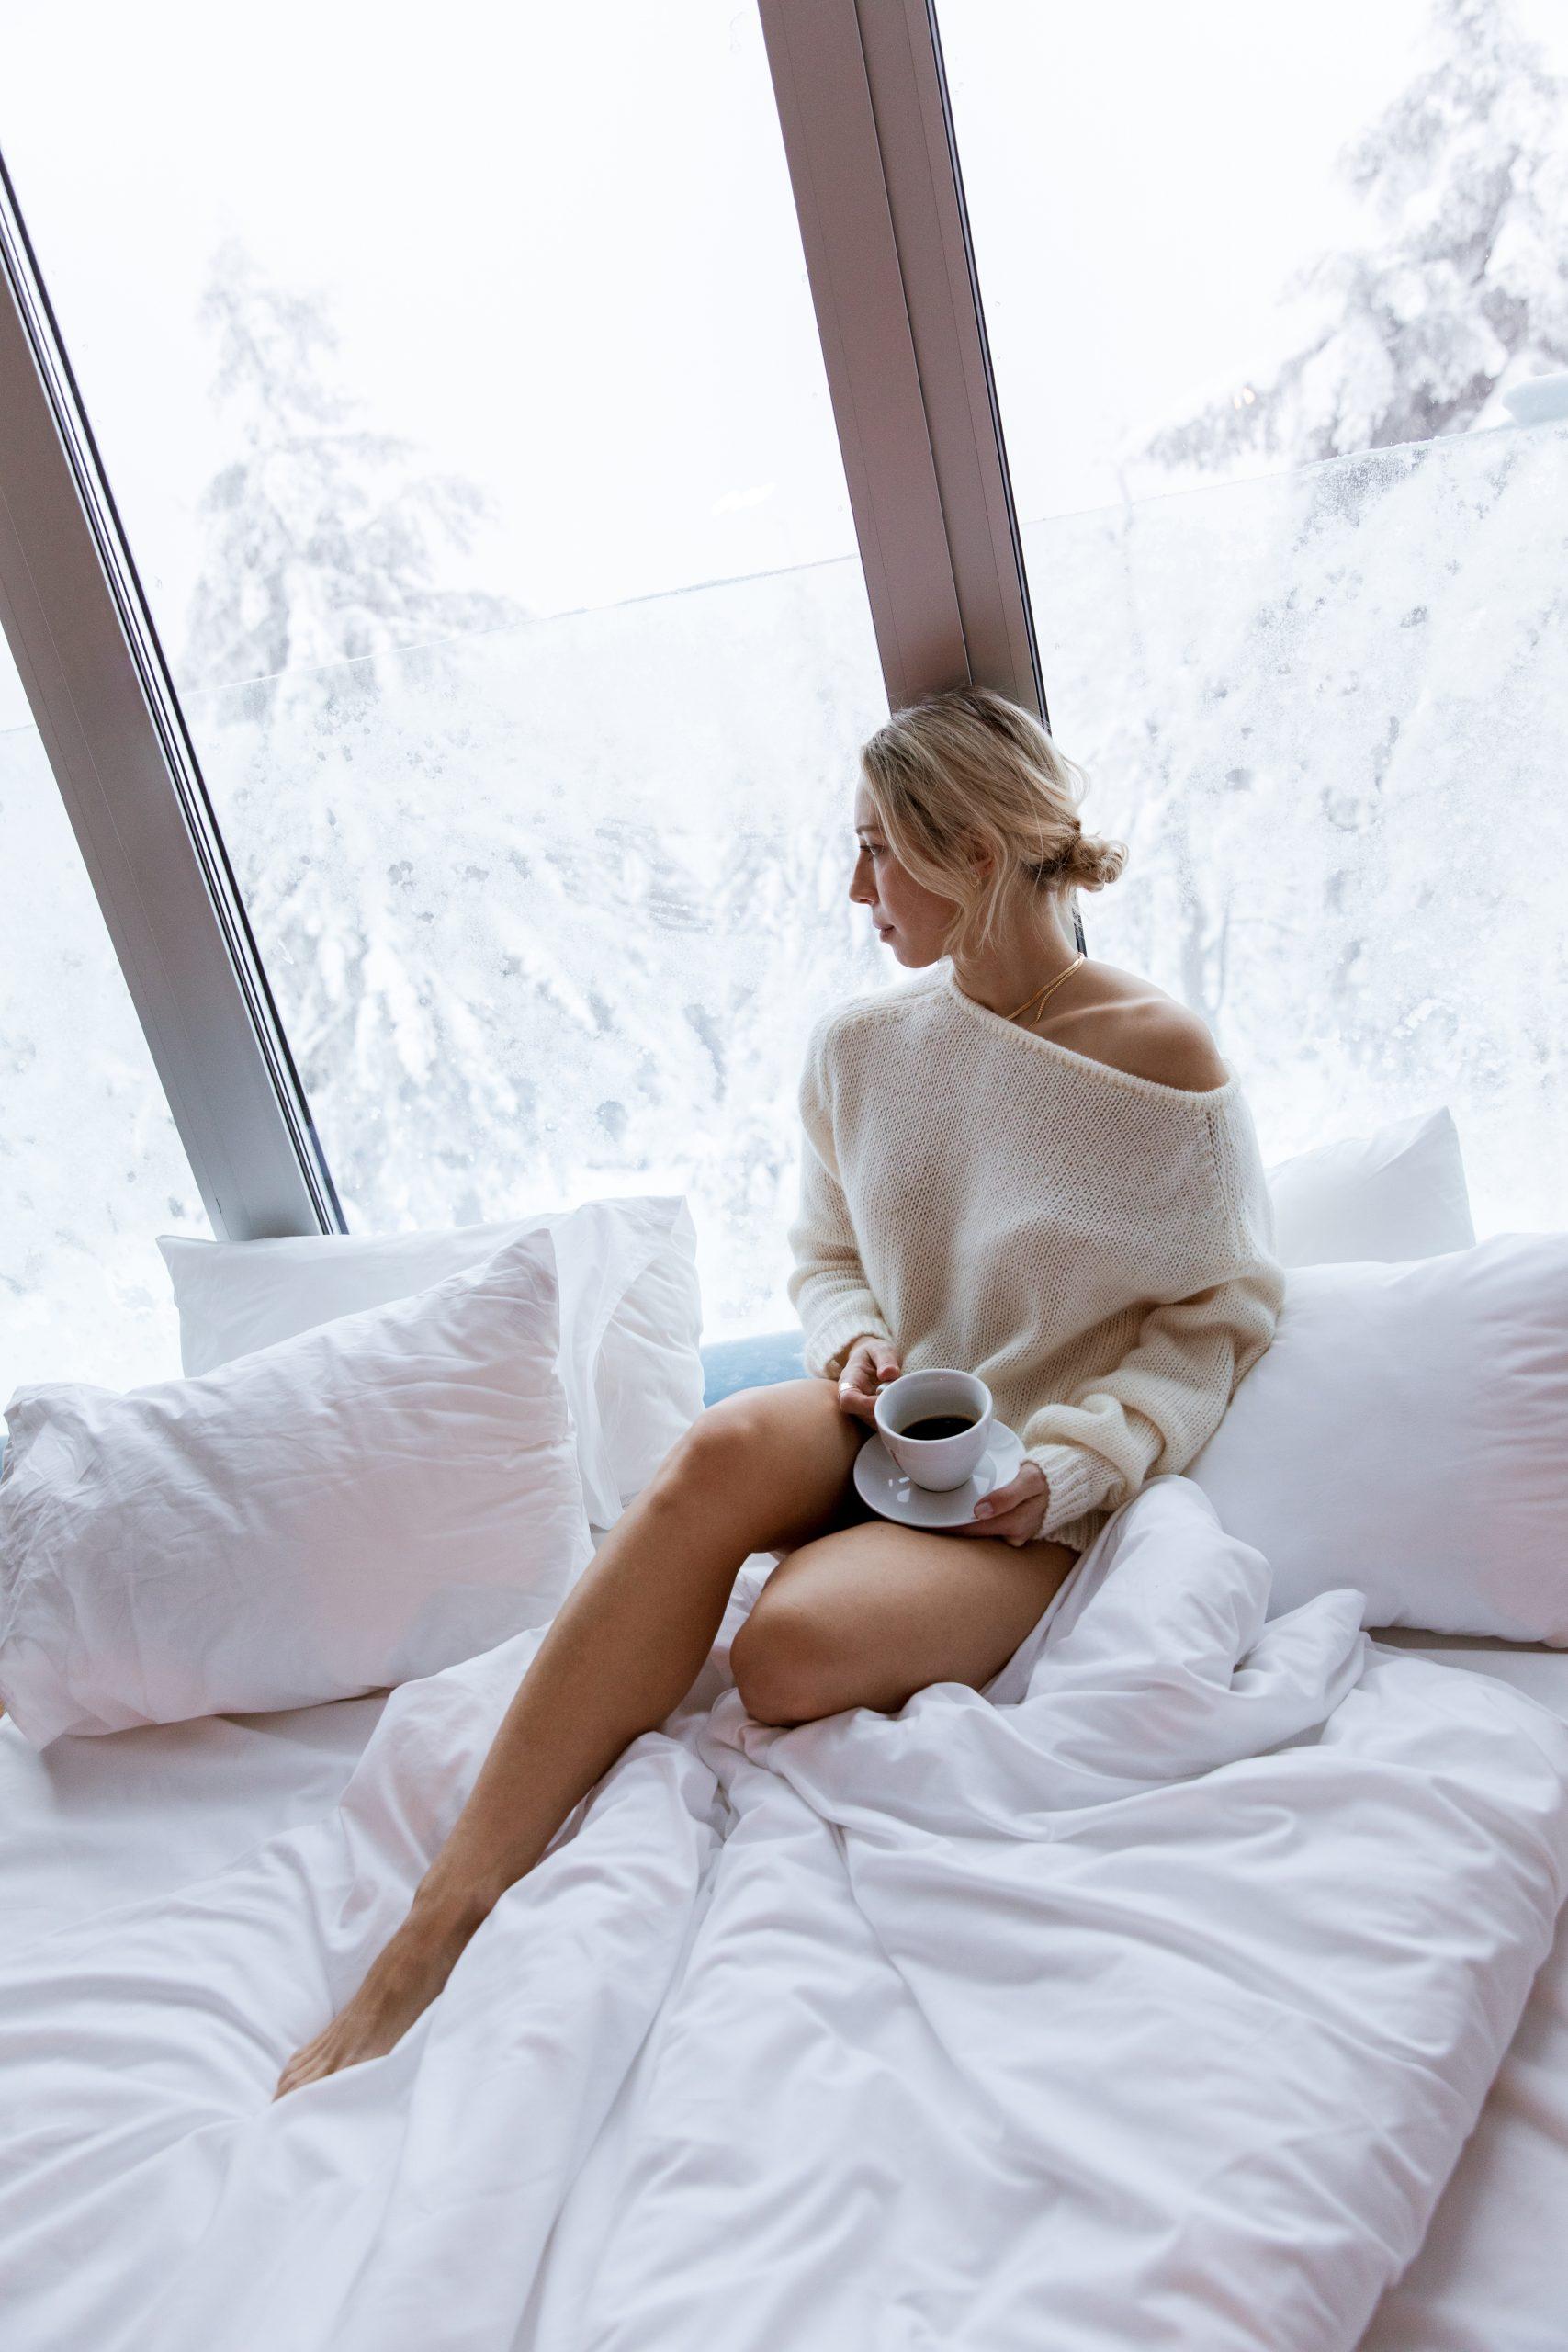 Ski&Sun Apartments – luksus w sercu Gór Izerskich i najpiękniejszy widok z okna na ośnieżone szczyty